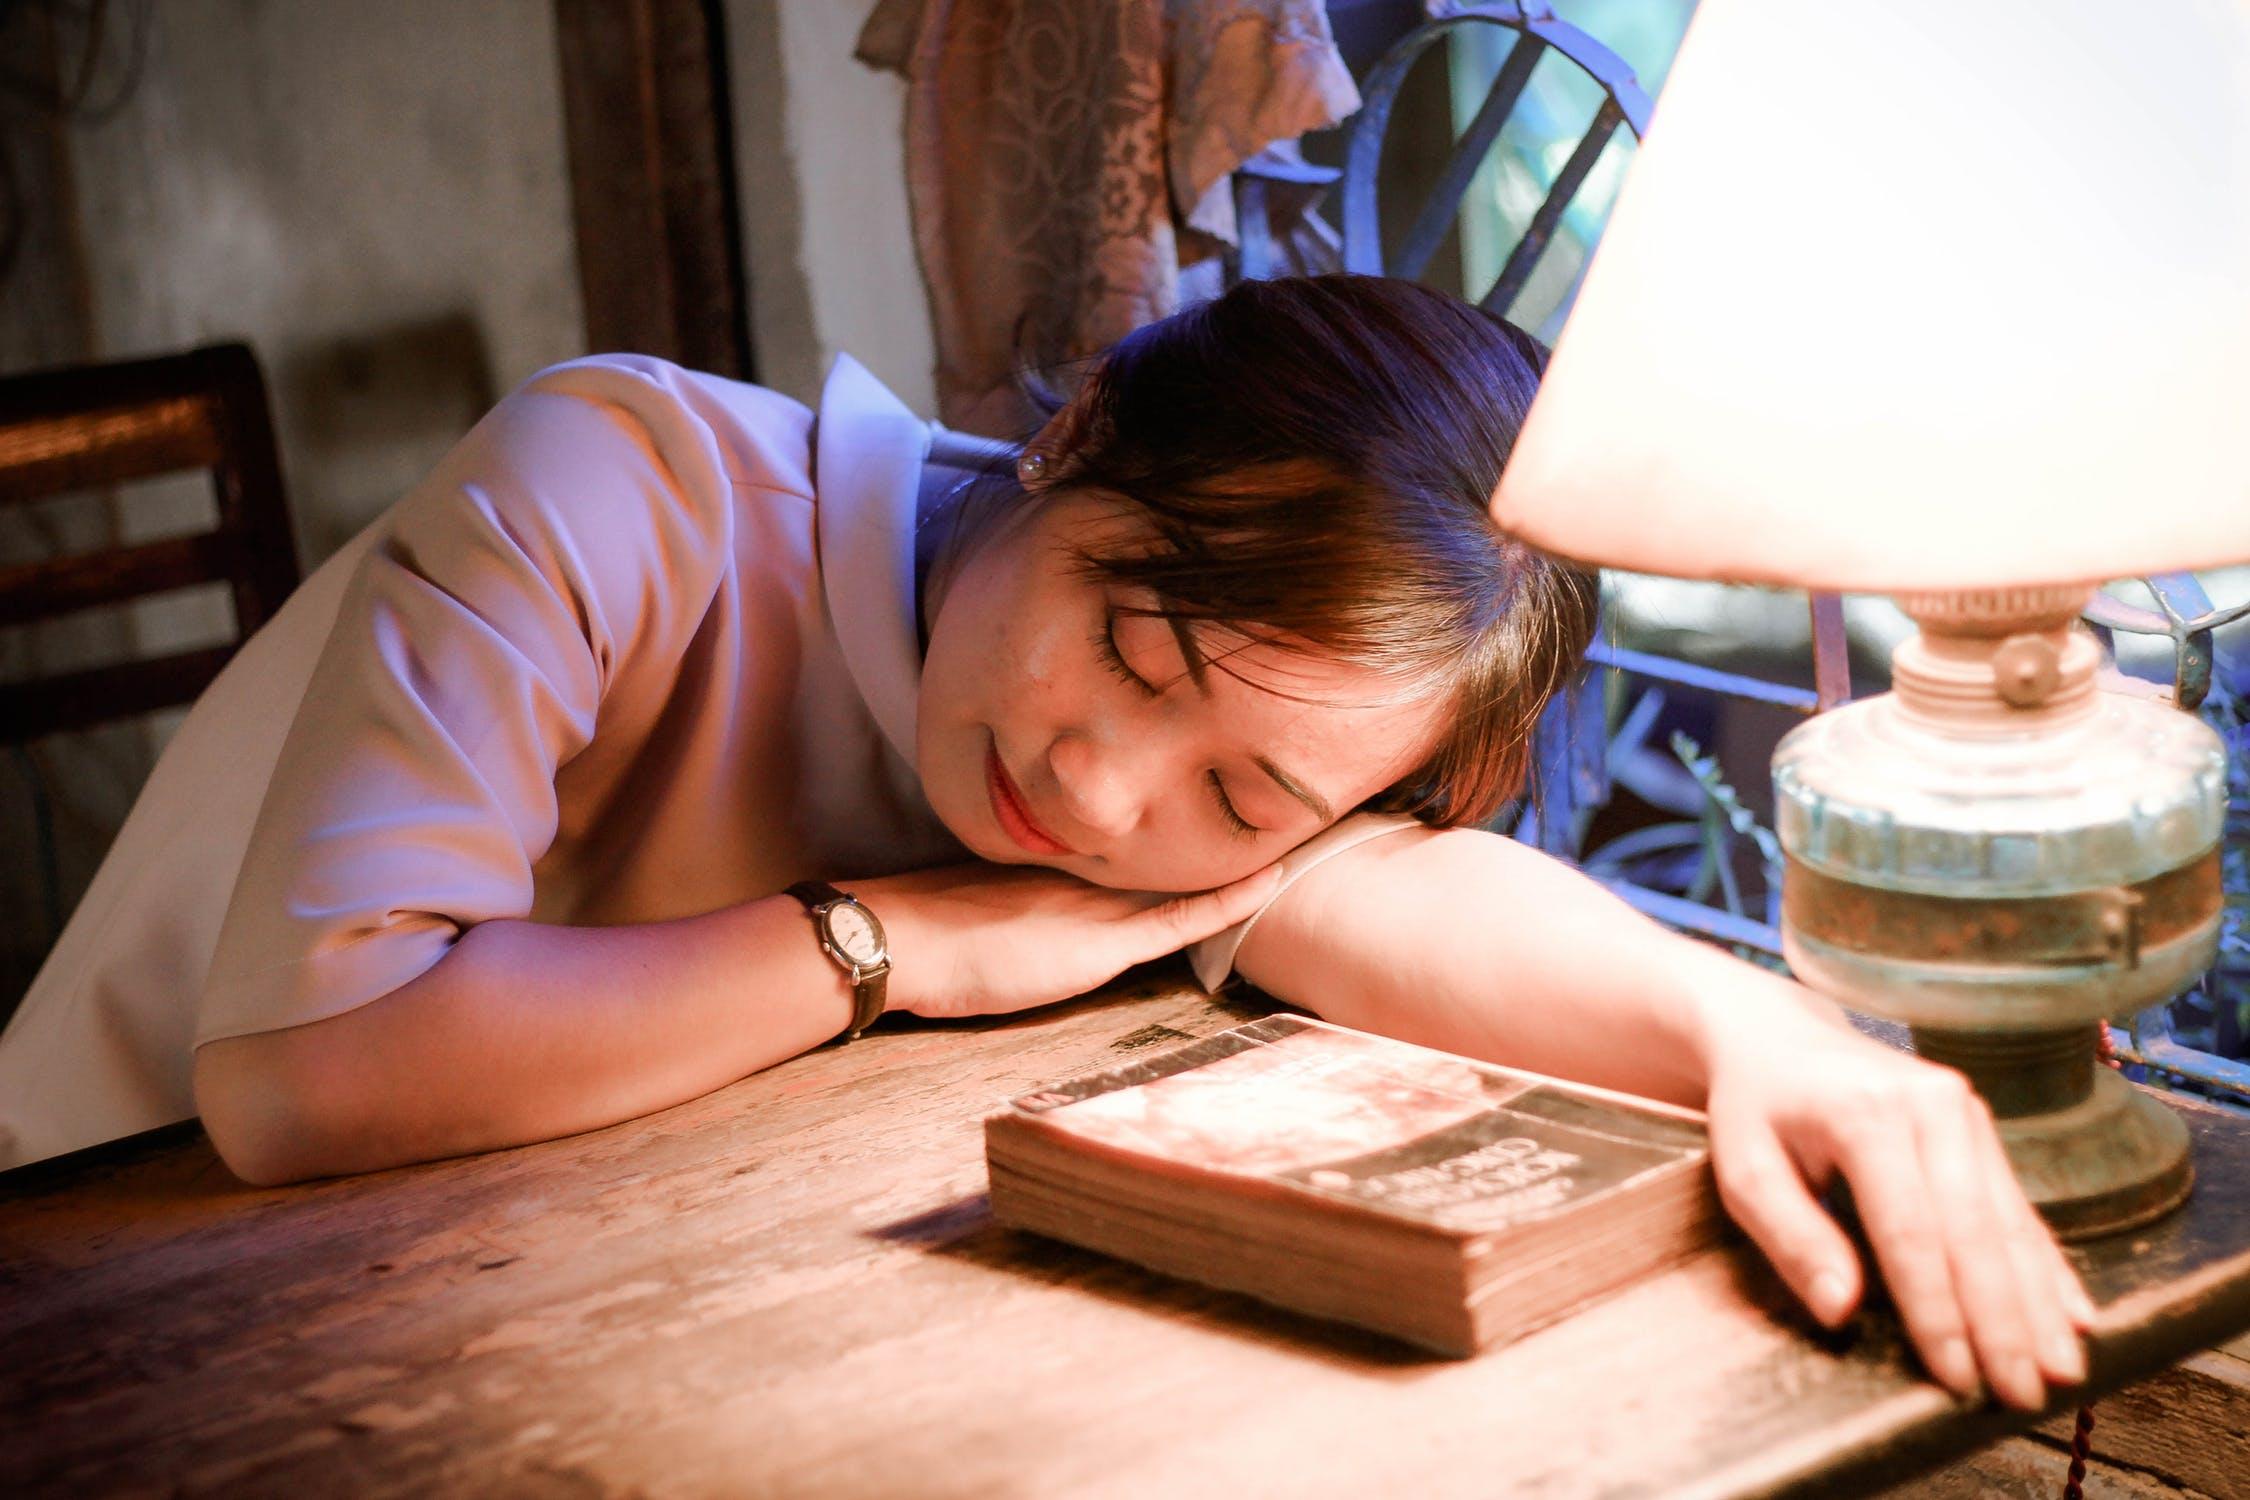 Easy ways to gradually fight insomnia